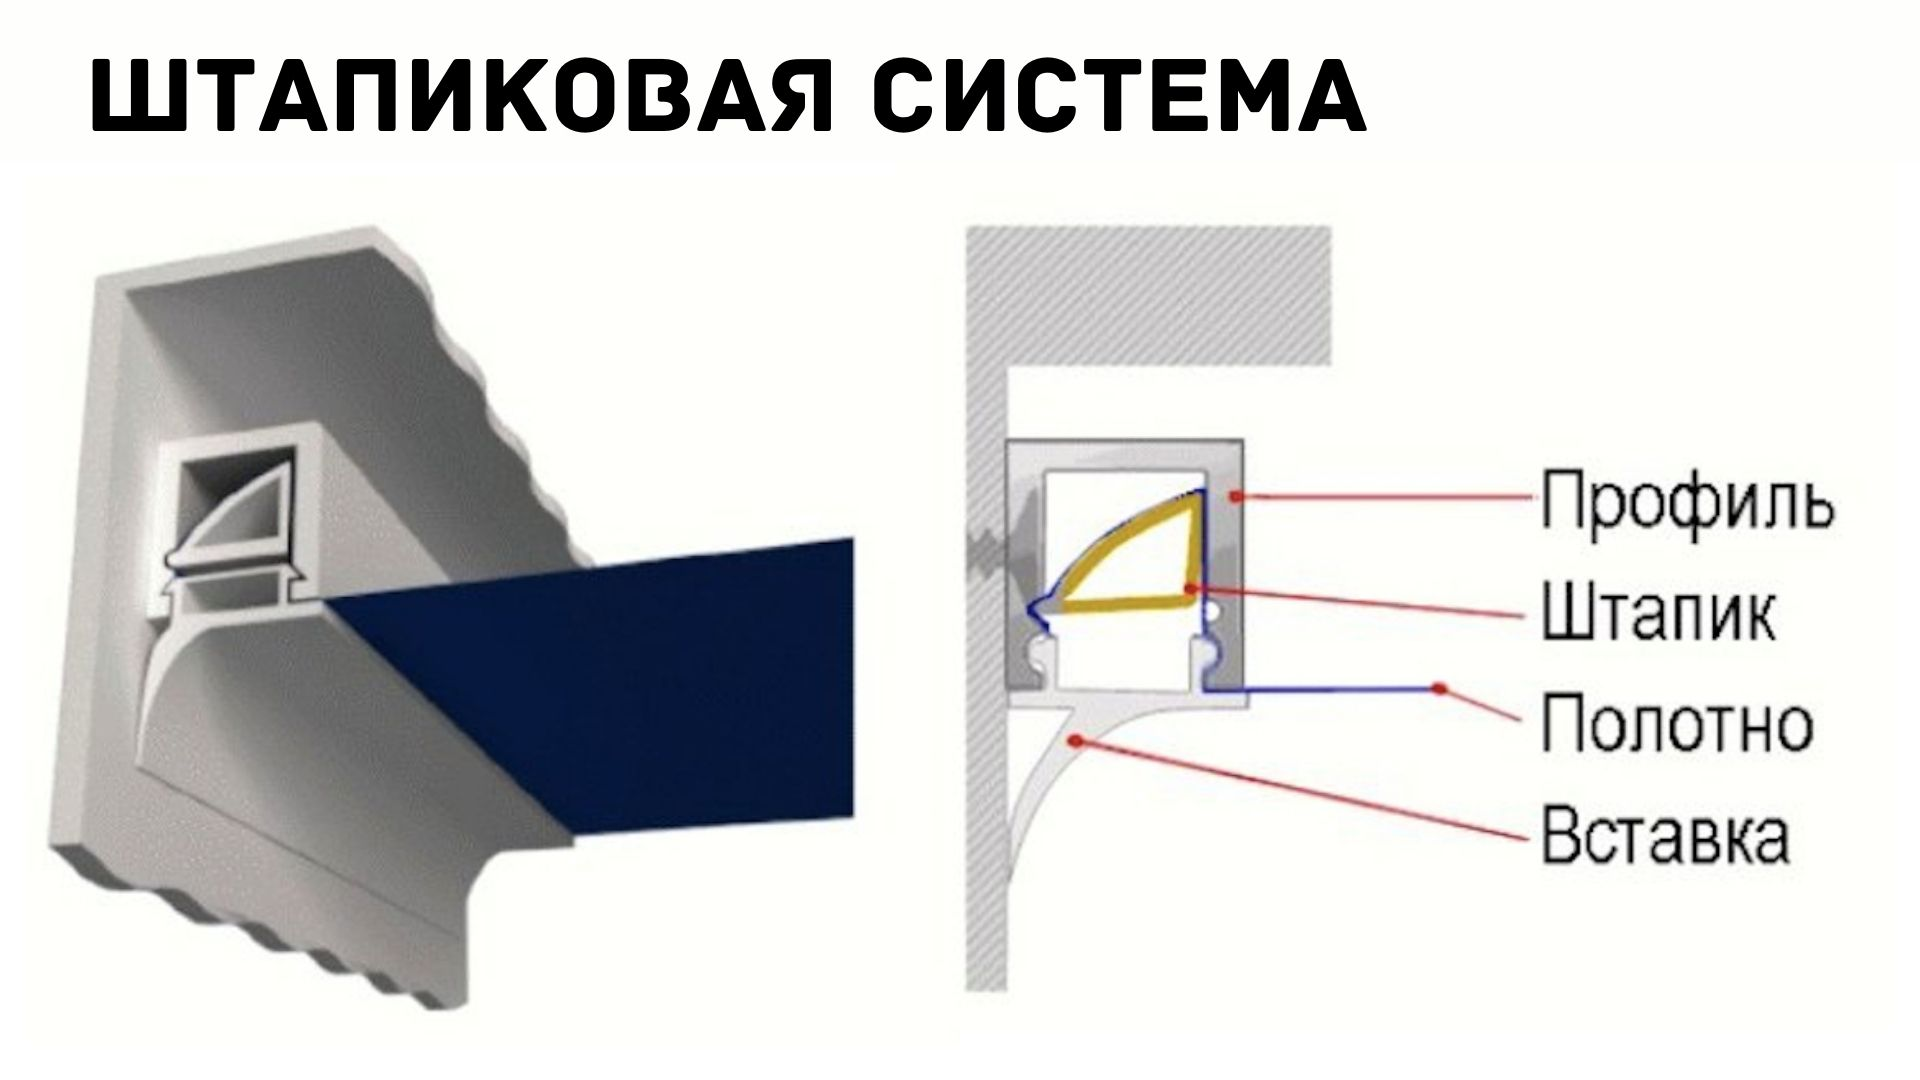 shtapikovaya-sistema